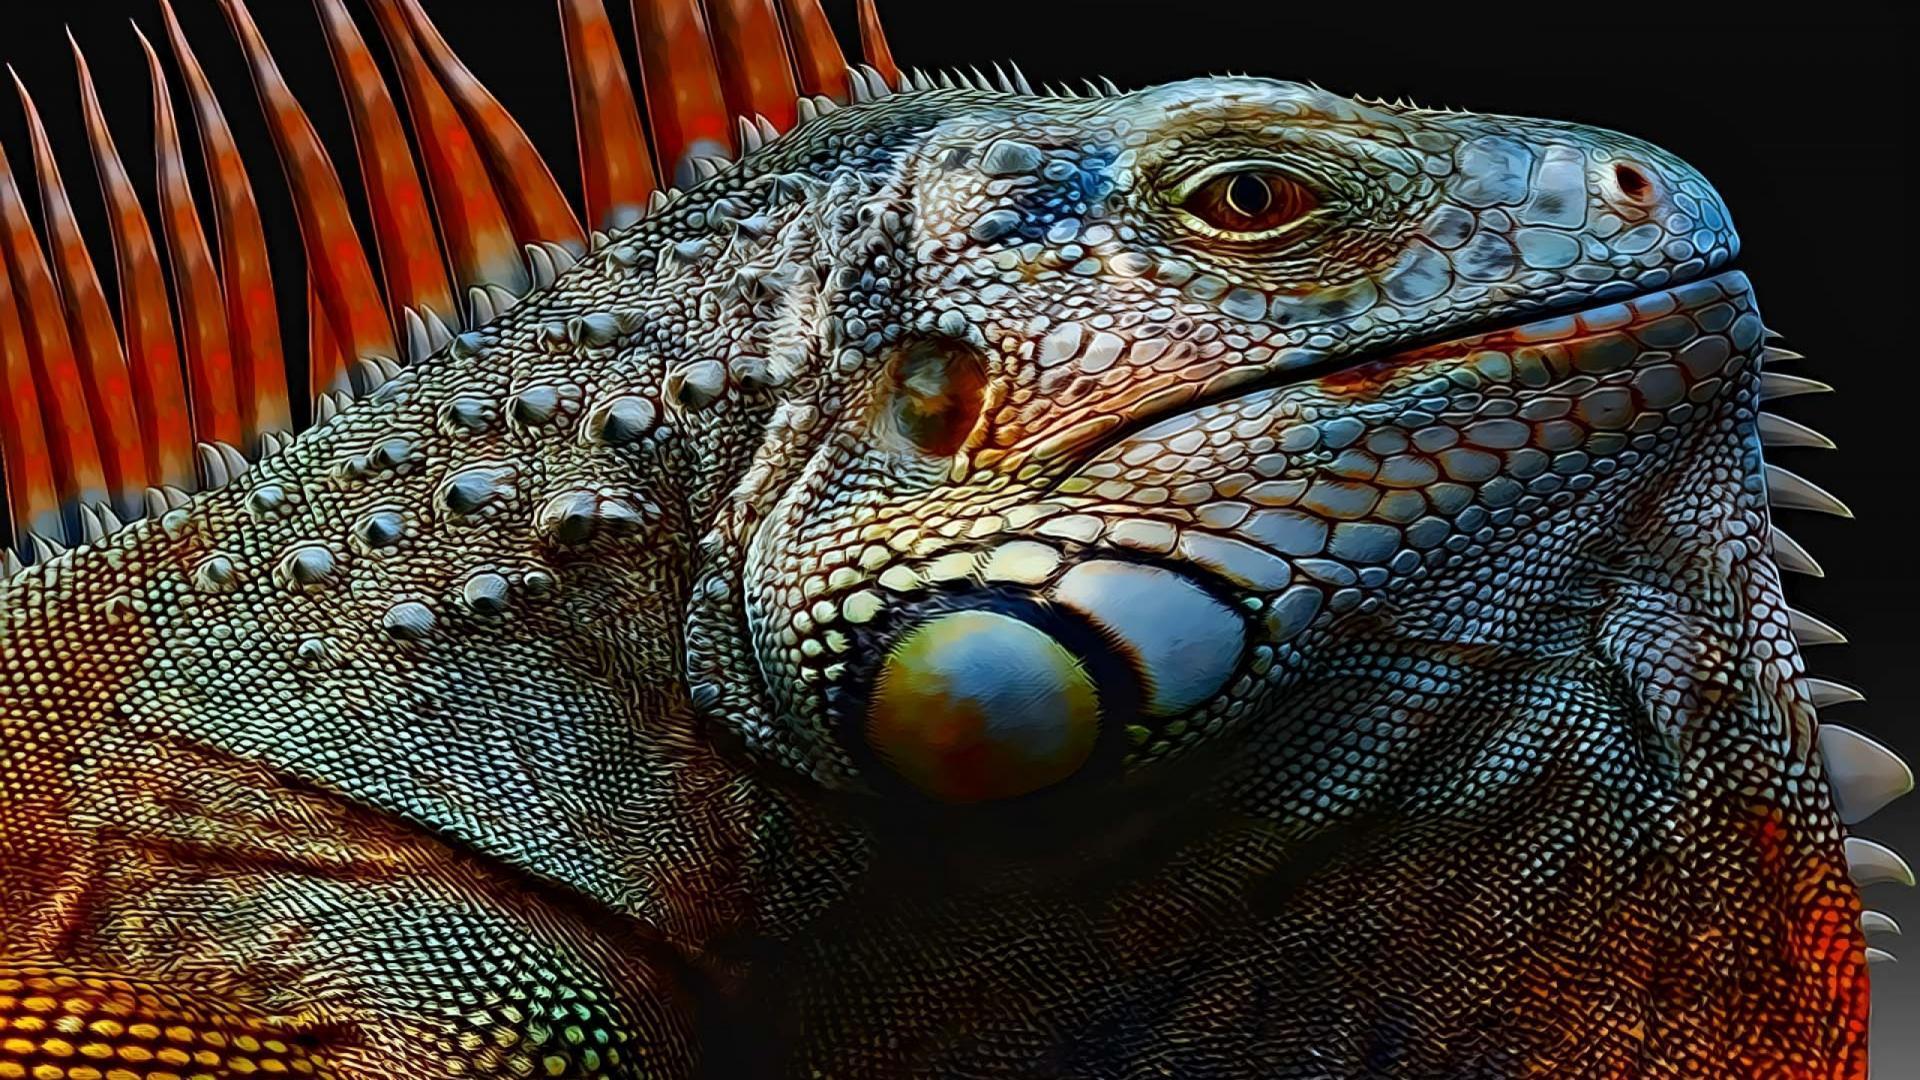 danger look Iguana Wallpaper